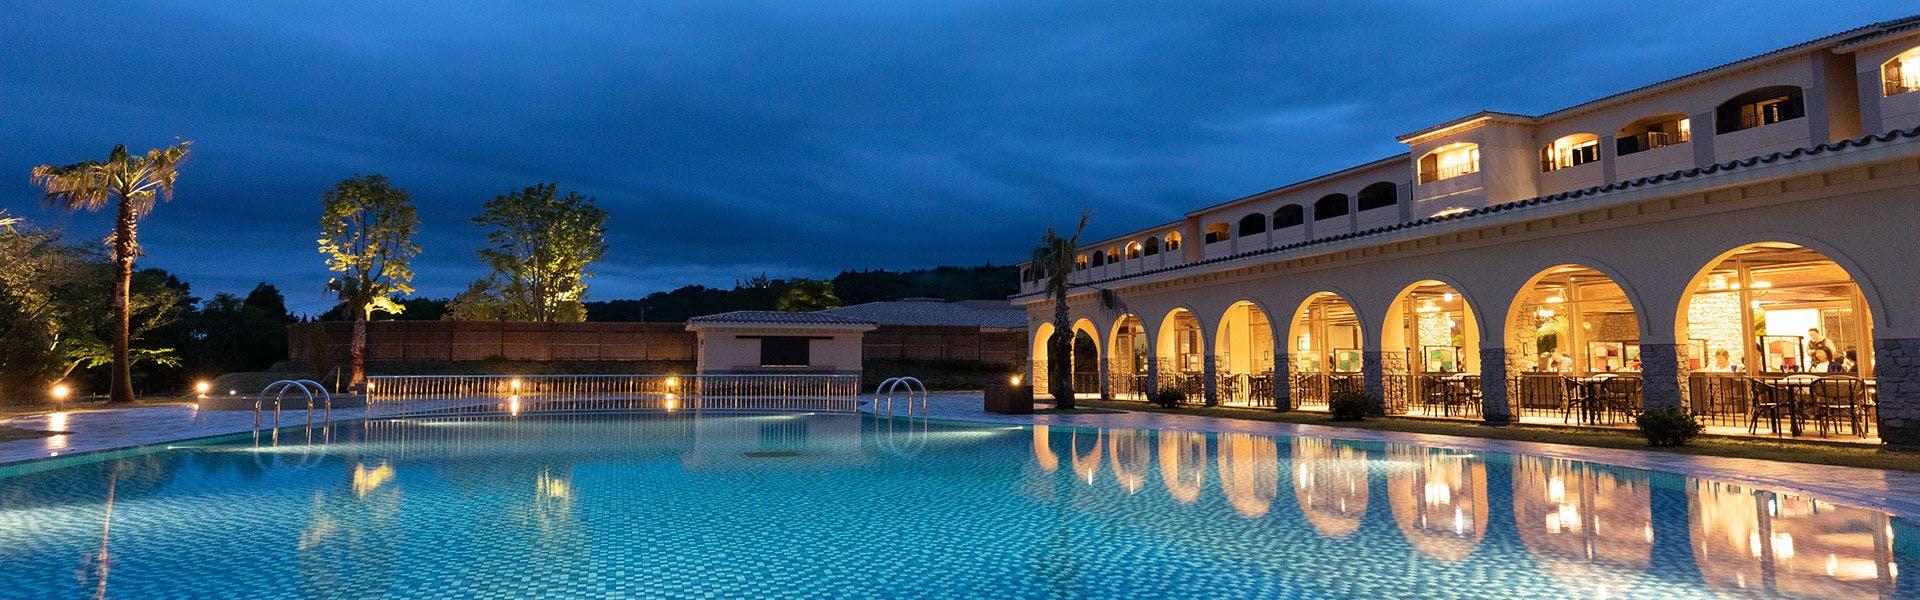 記念日におすすめのホテル・ラビスタ霧島ヒルズの写真1